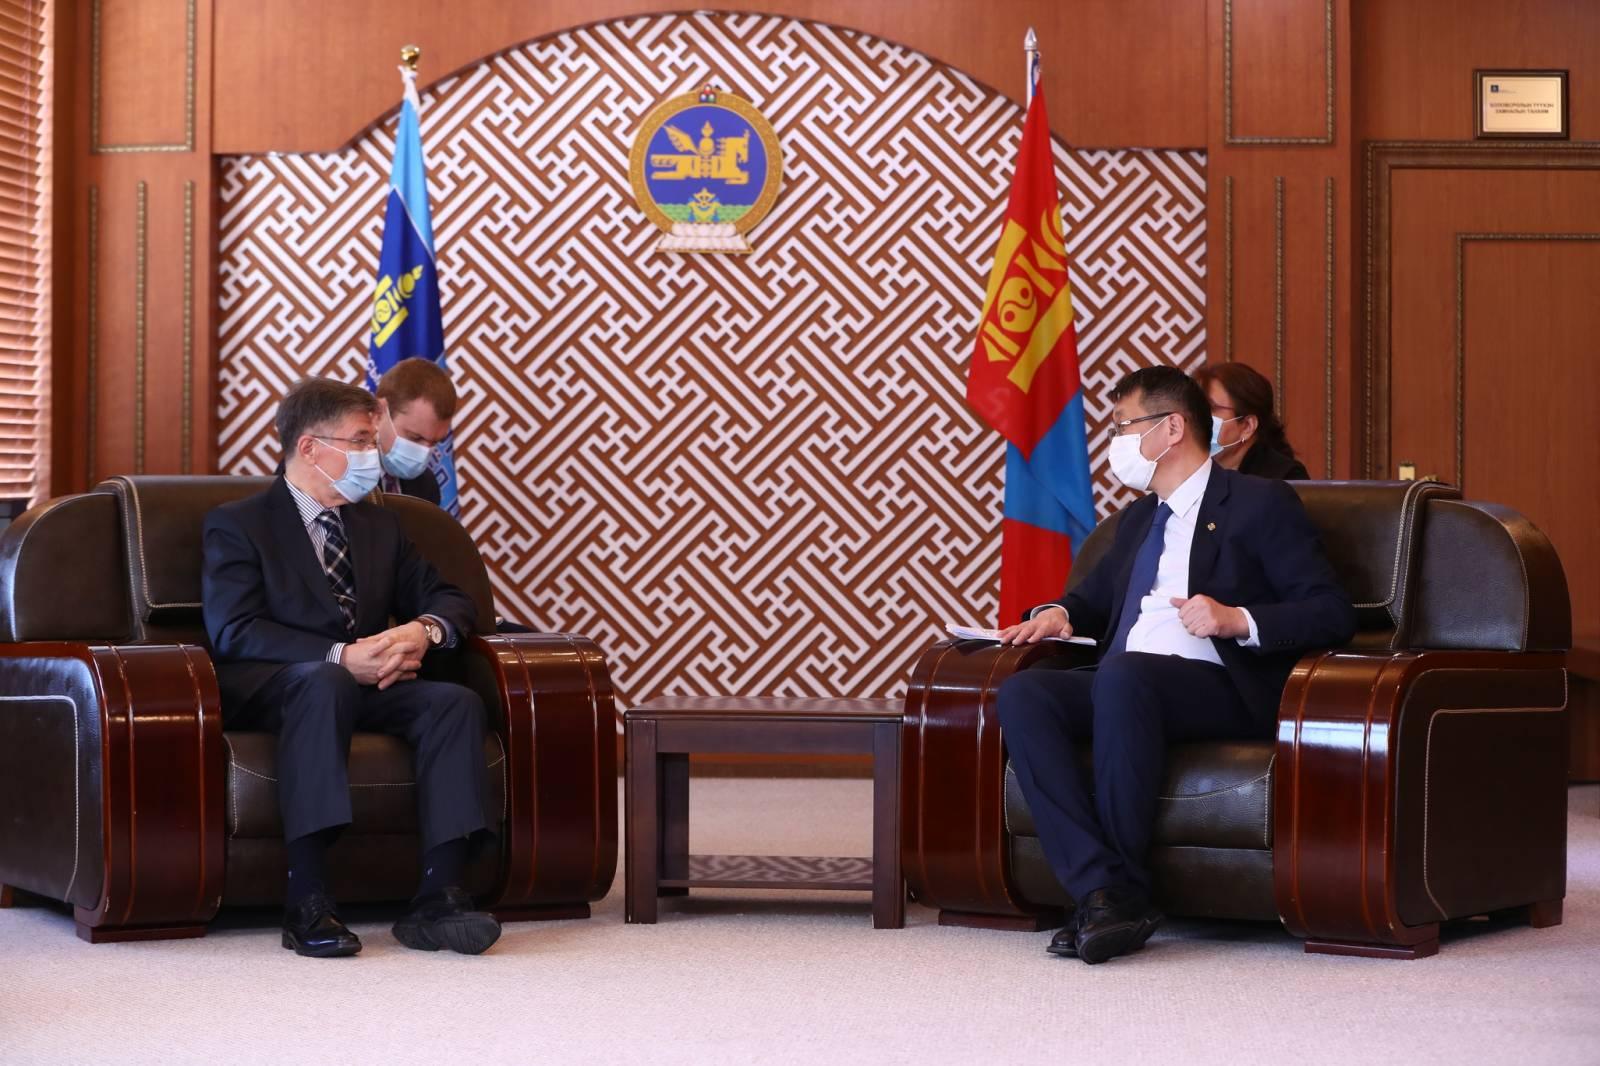 ОХУ-ын Засгийн газар Монгол Улсад олгох тэтгэлгийн тоог нэмэгдүүлж, 550 квот болголоо